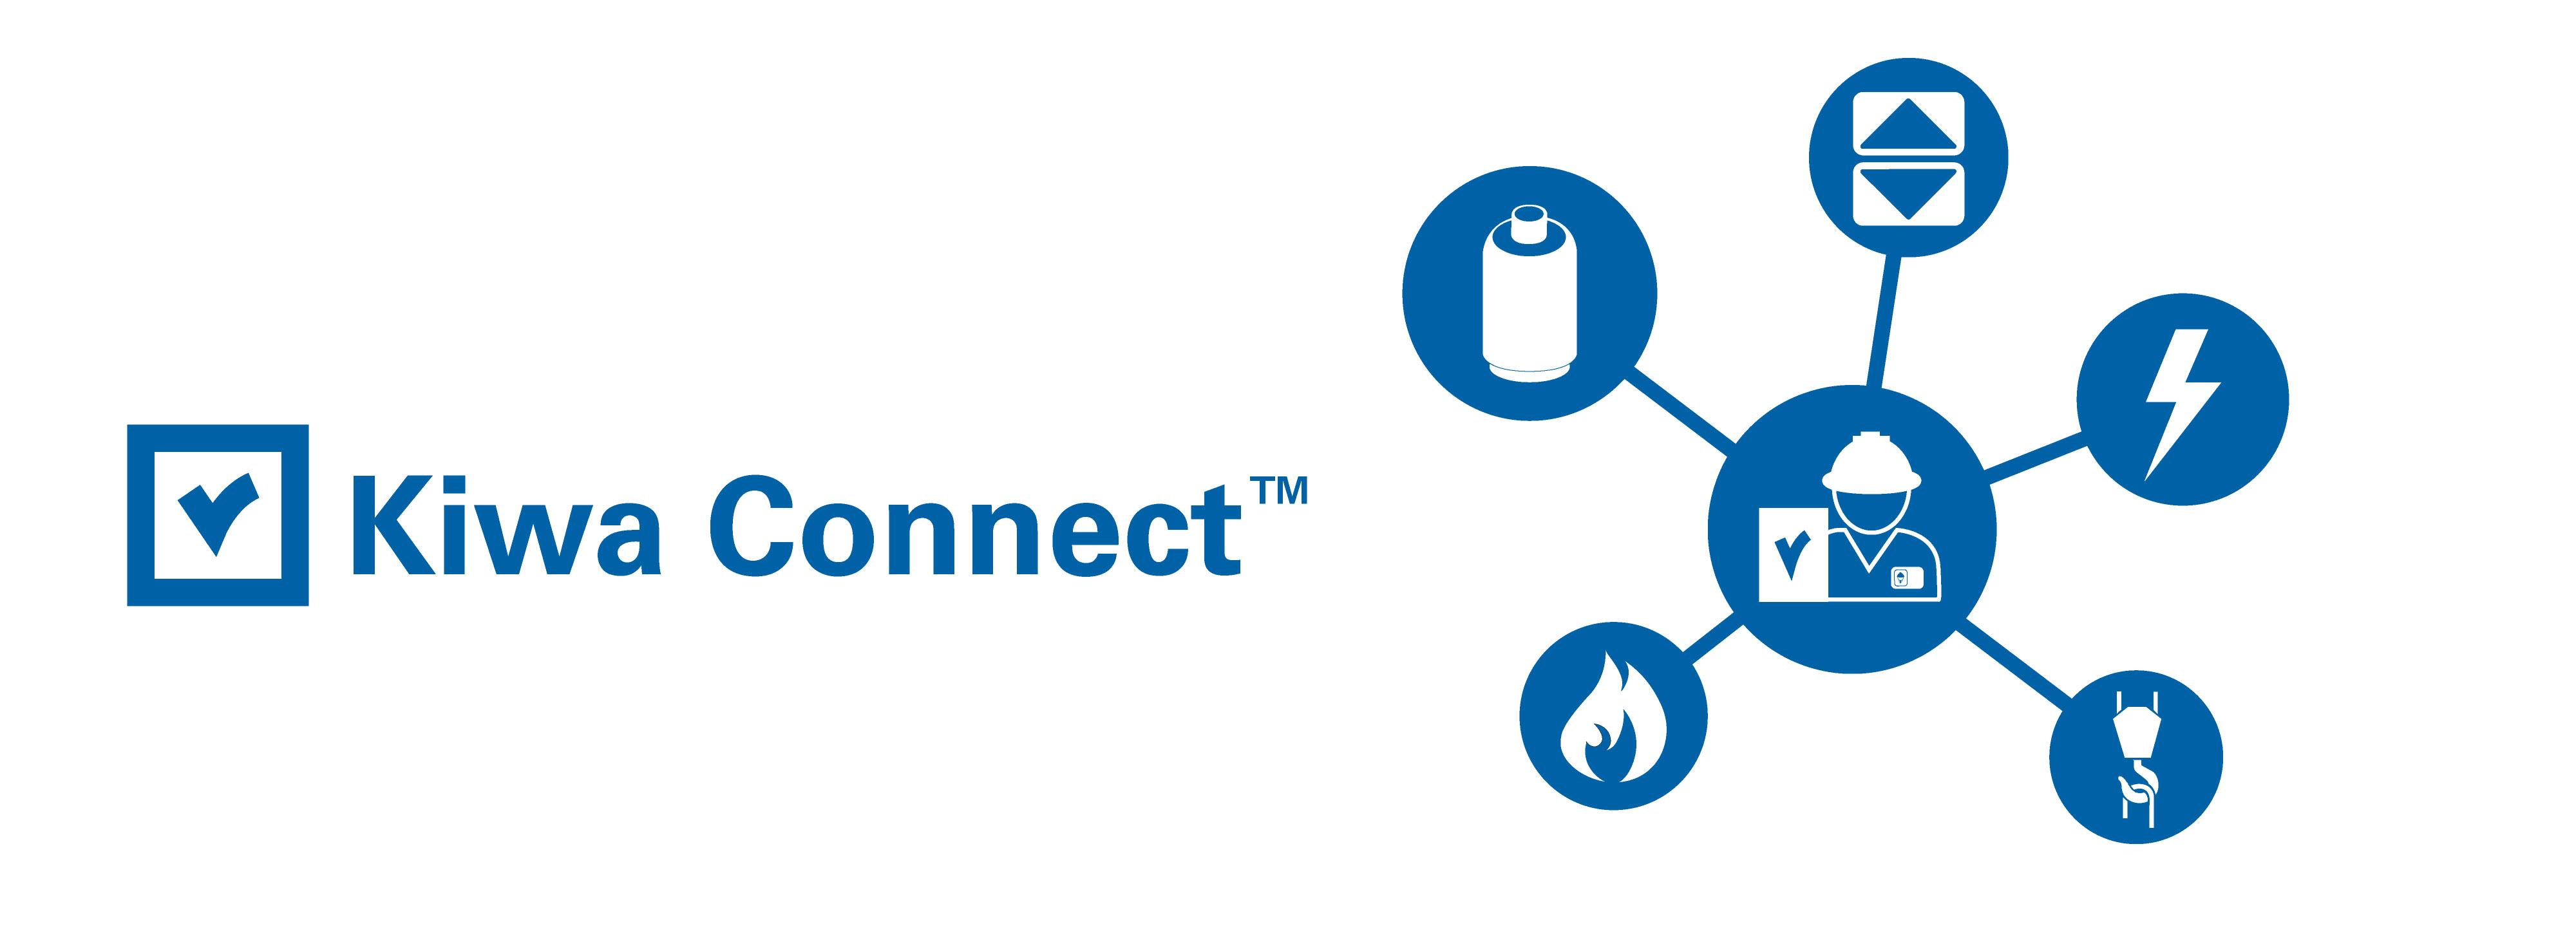 Kiwa Connect™ -palvelusta asiakkaat näkevät tarkastettavien laitteistojen tilan ja pystyvät tutkimaan mitkä laitteet on tarkastettava seuraavana vuotena.